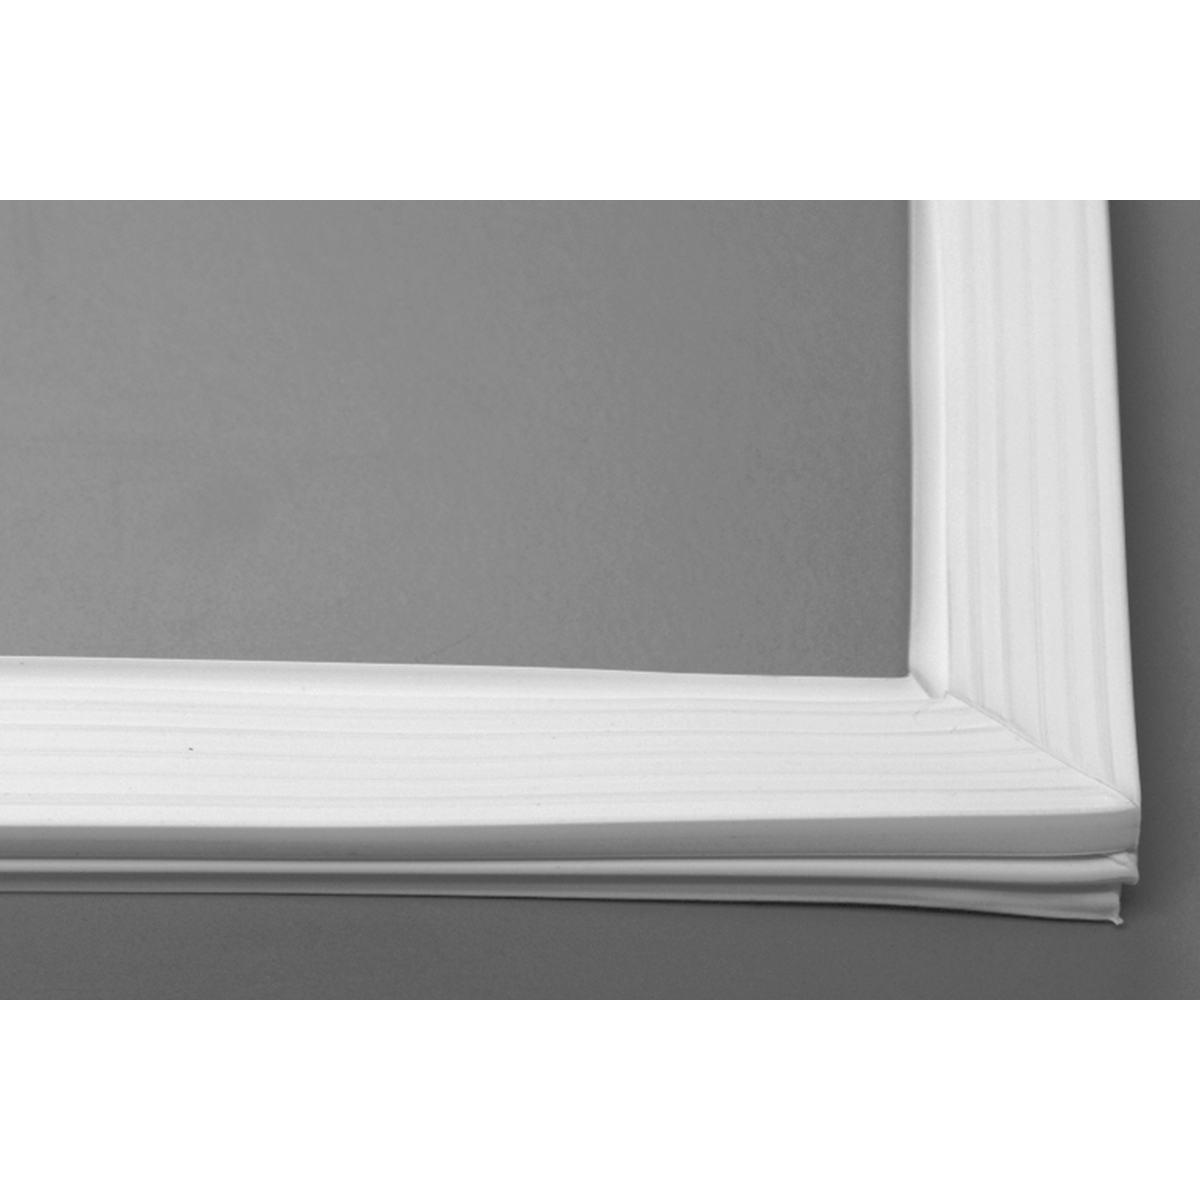 Dørpakning 2000 x 1000 mm universal til køleskab